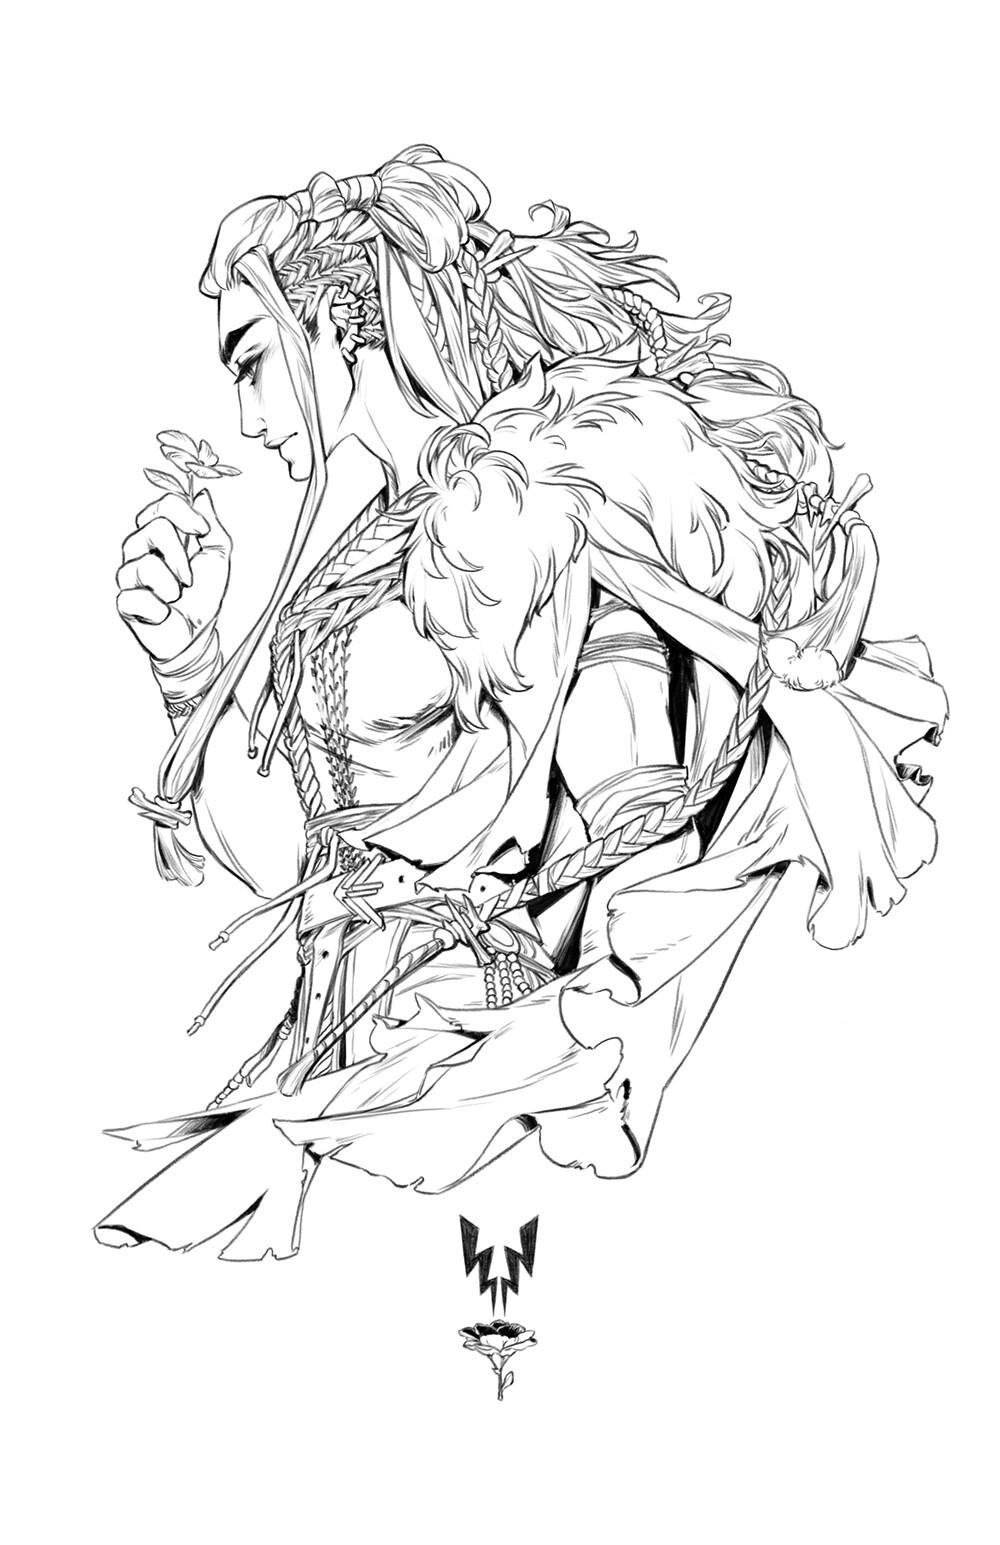 Hunter bonyun critrole charms yasha